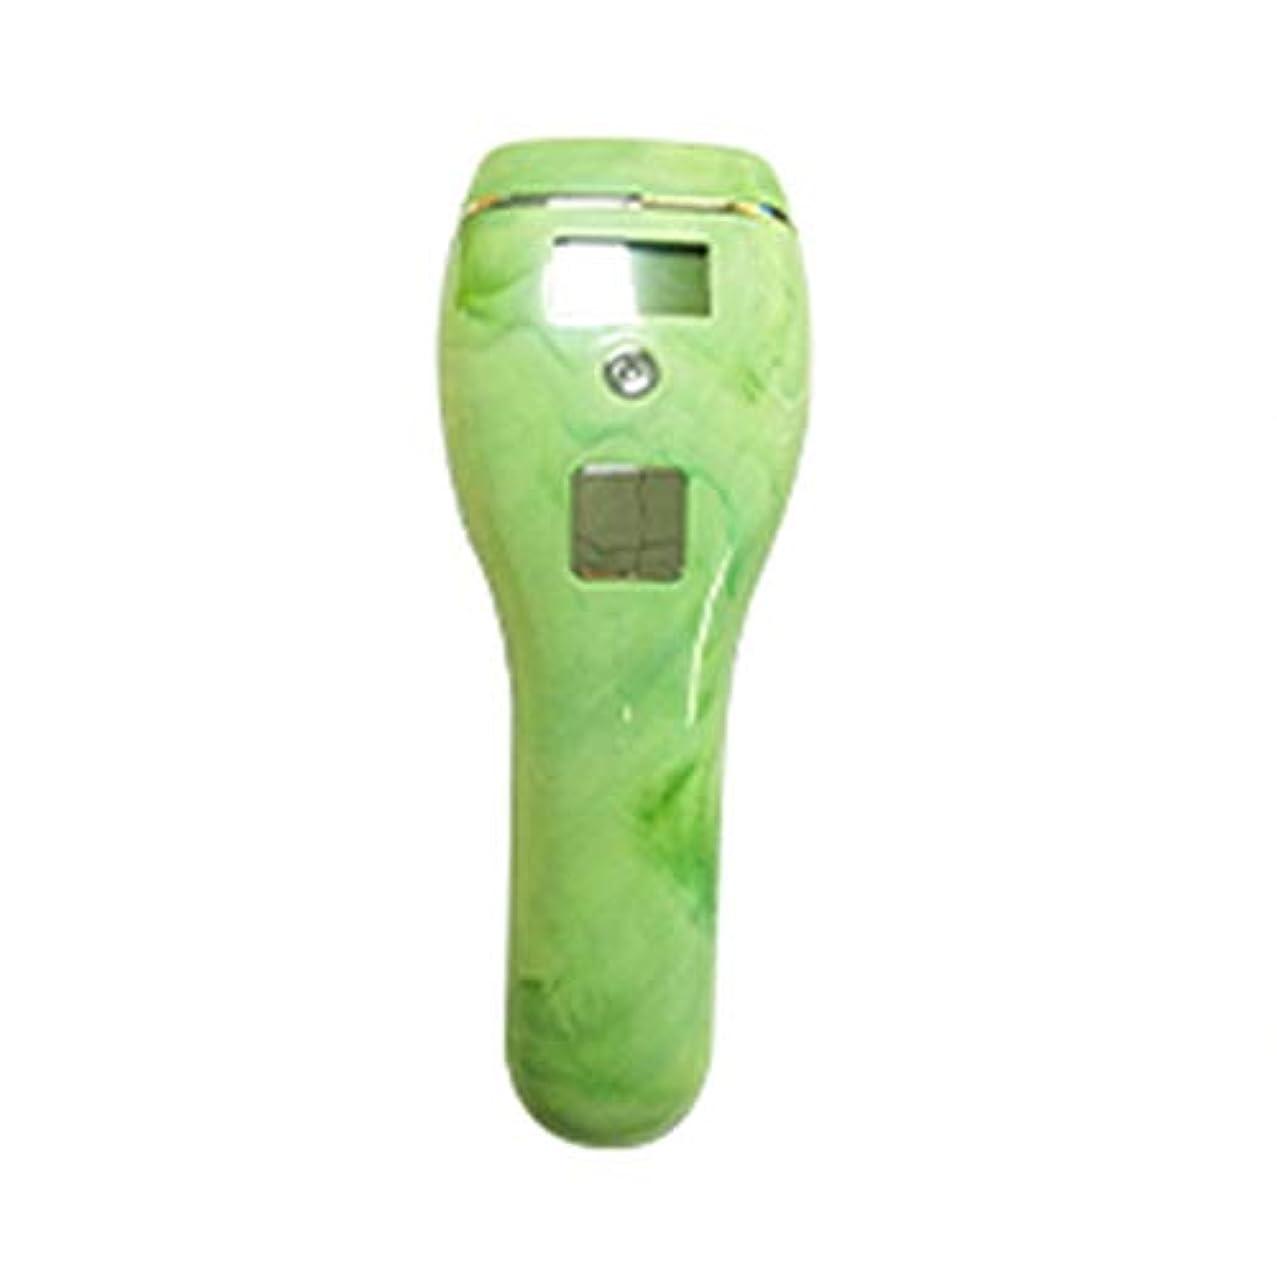 放つ計算カメラダパイ 自動肌のカラーセンシング、グリーン、5速調整、クォーツチューブ、携帯用痛みのない全身凍結乾燥用除湿器、サイズ19x7x5cm U546 (Color : Green)